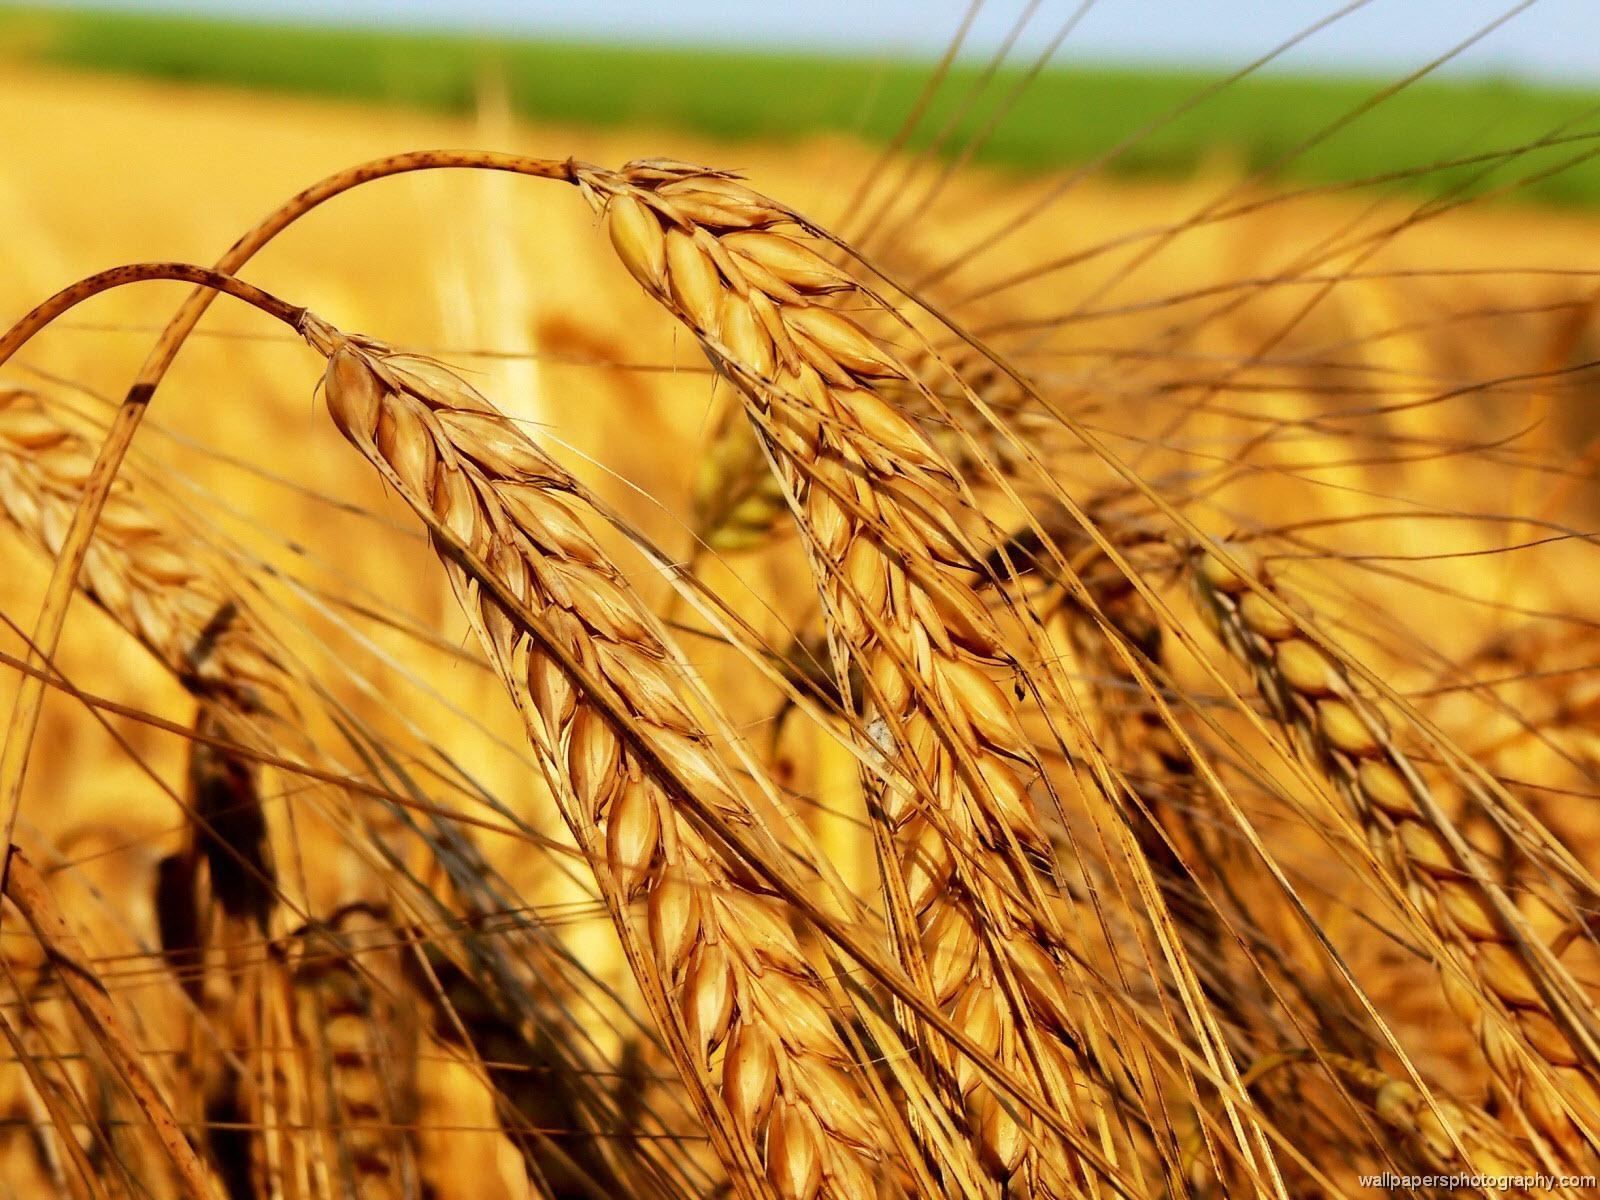 Sfondi hd natura spighe di grano sfondi hd gratis for Sfondi hd natura